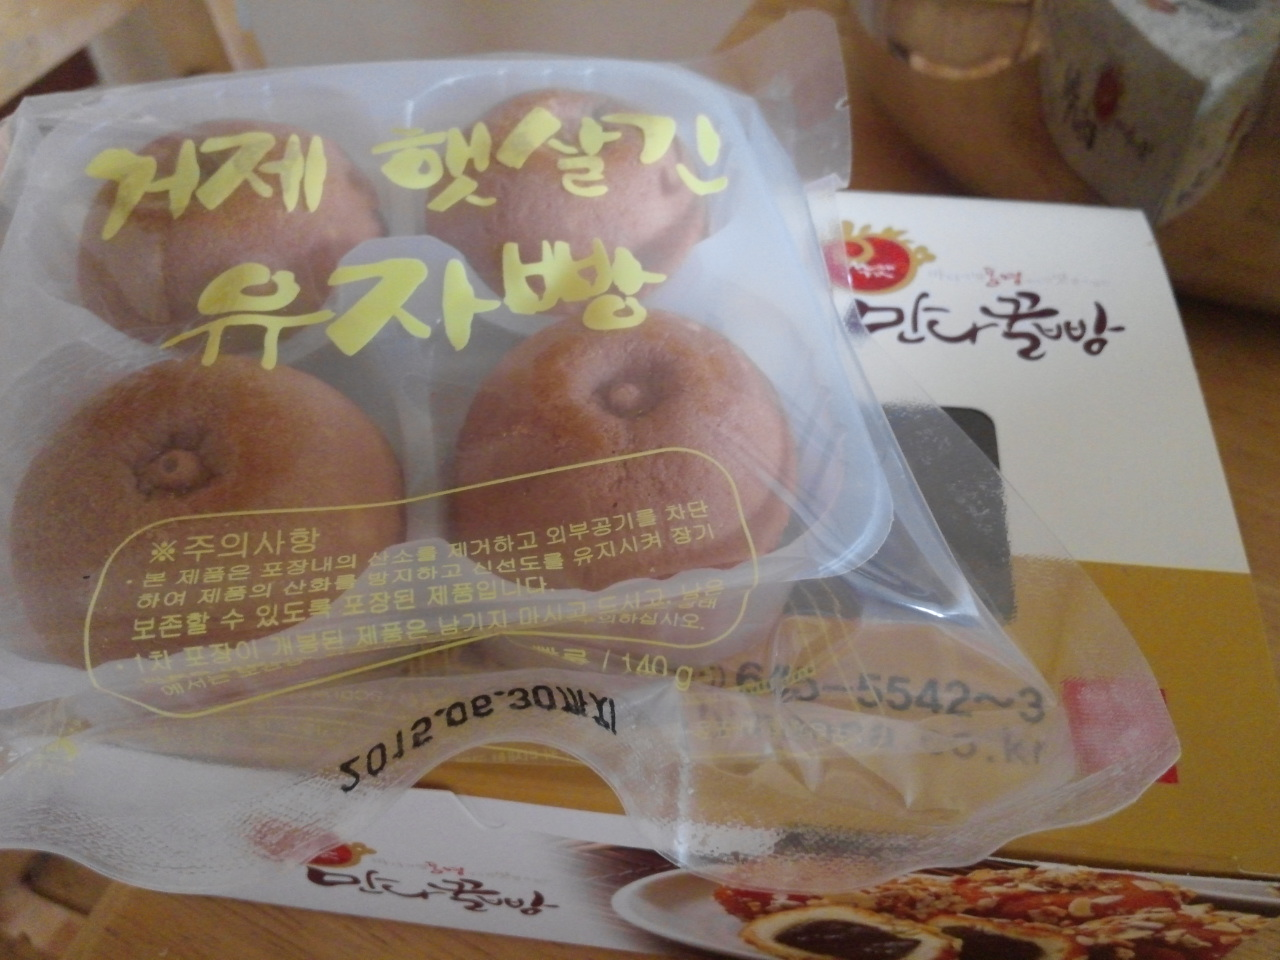 유자빵과 꿀빵 거제휴게소에서 구매한 거제유자빵과 통영꿀빵